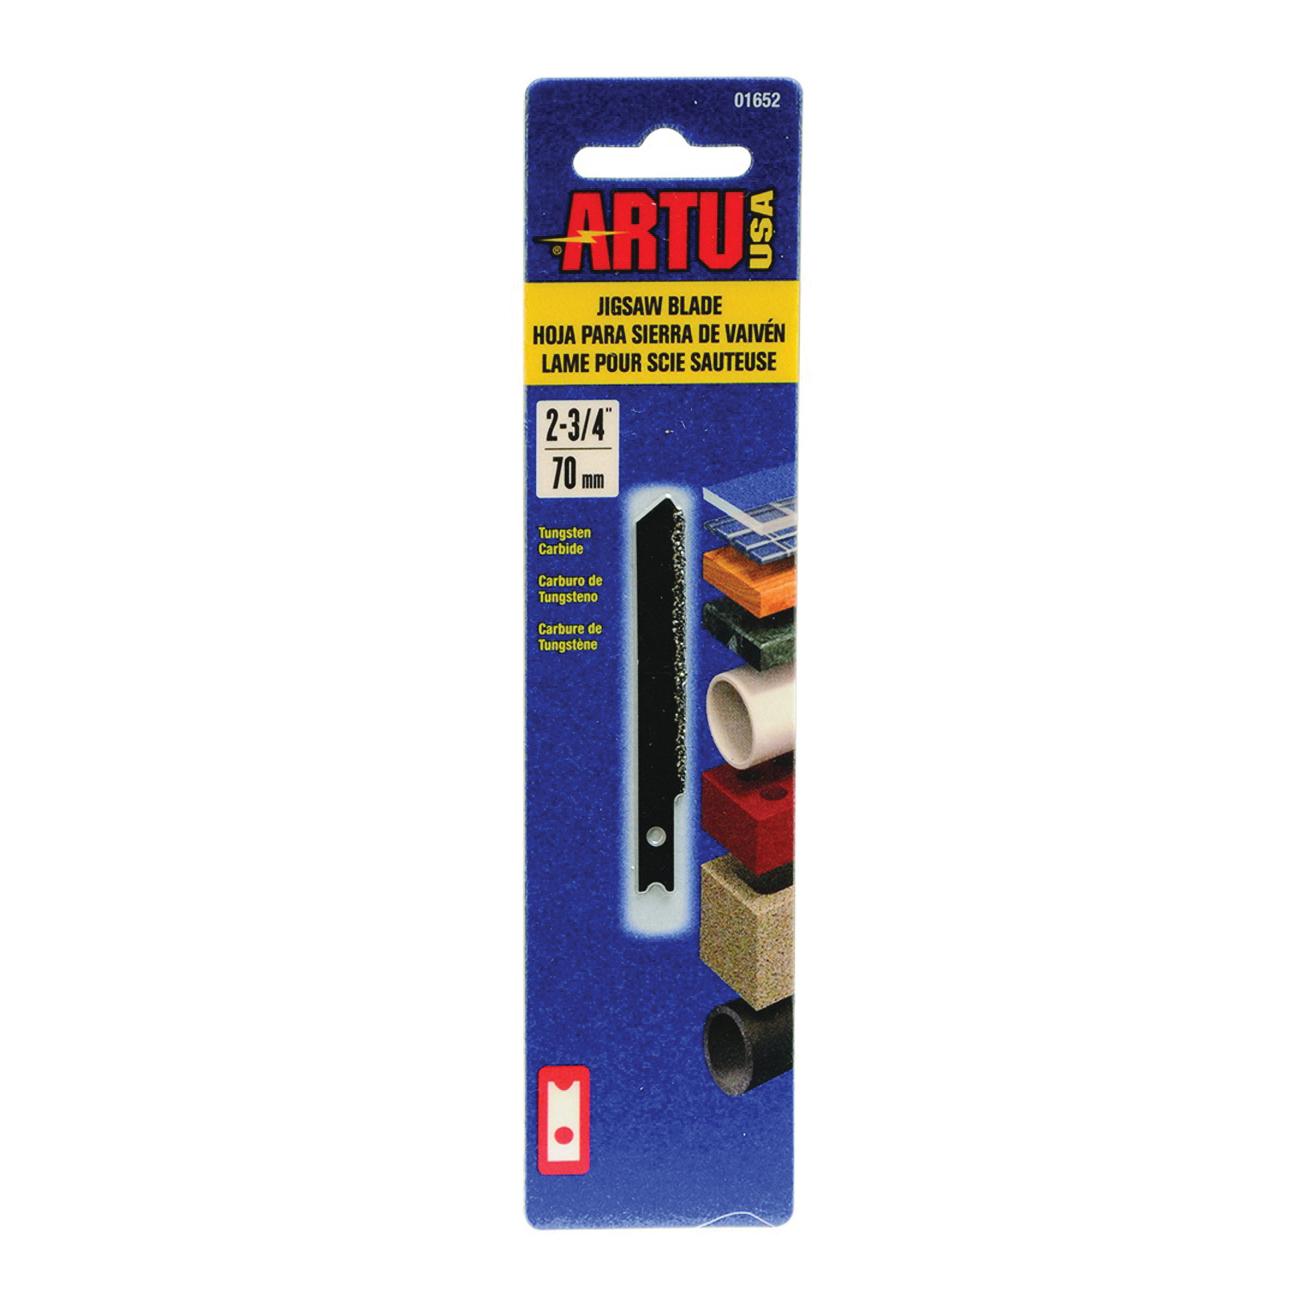 Picture of ARTU 01652 Jigsaw Blade, 2-3/4 in L, Tungsten Carbide Cutting Edge